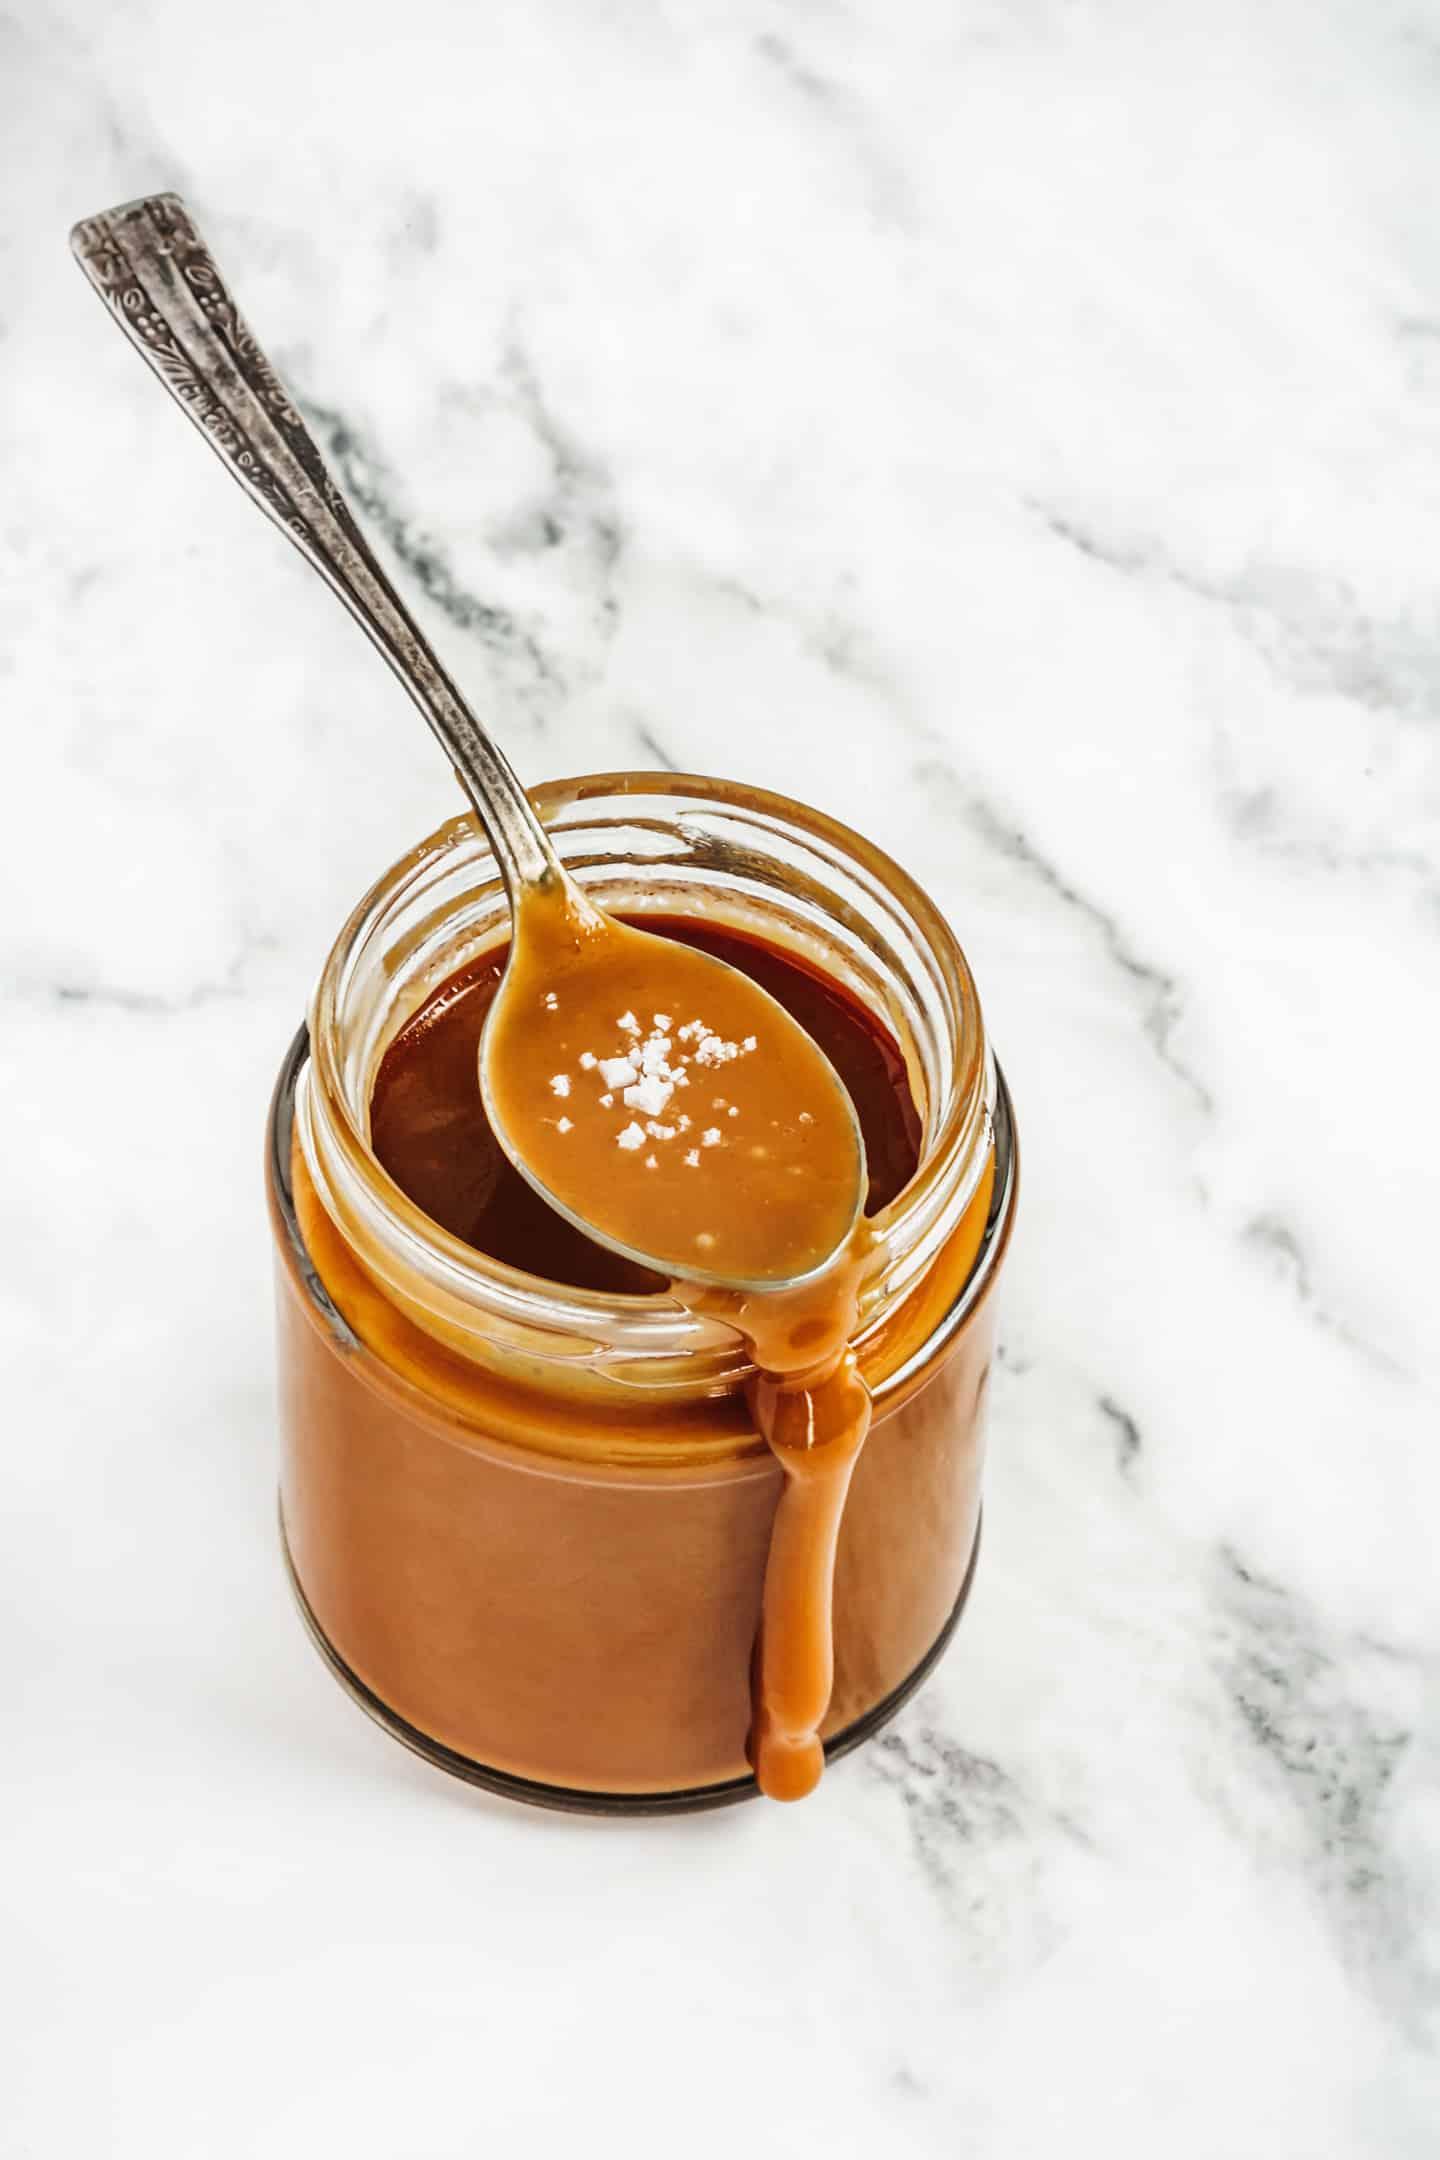 Recette du caramel au beurre salé